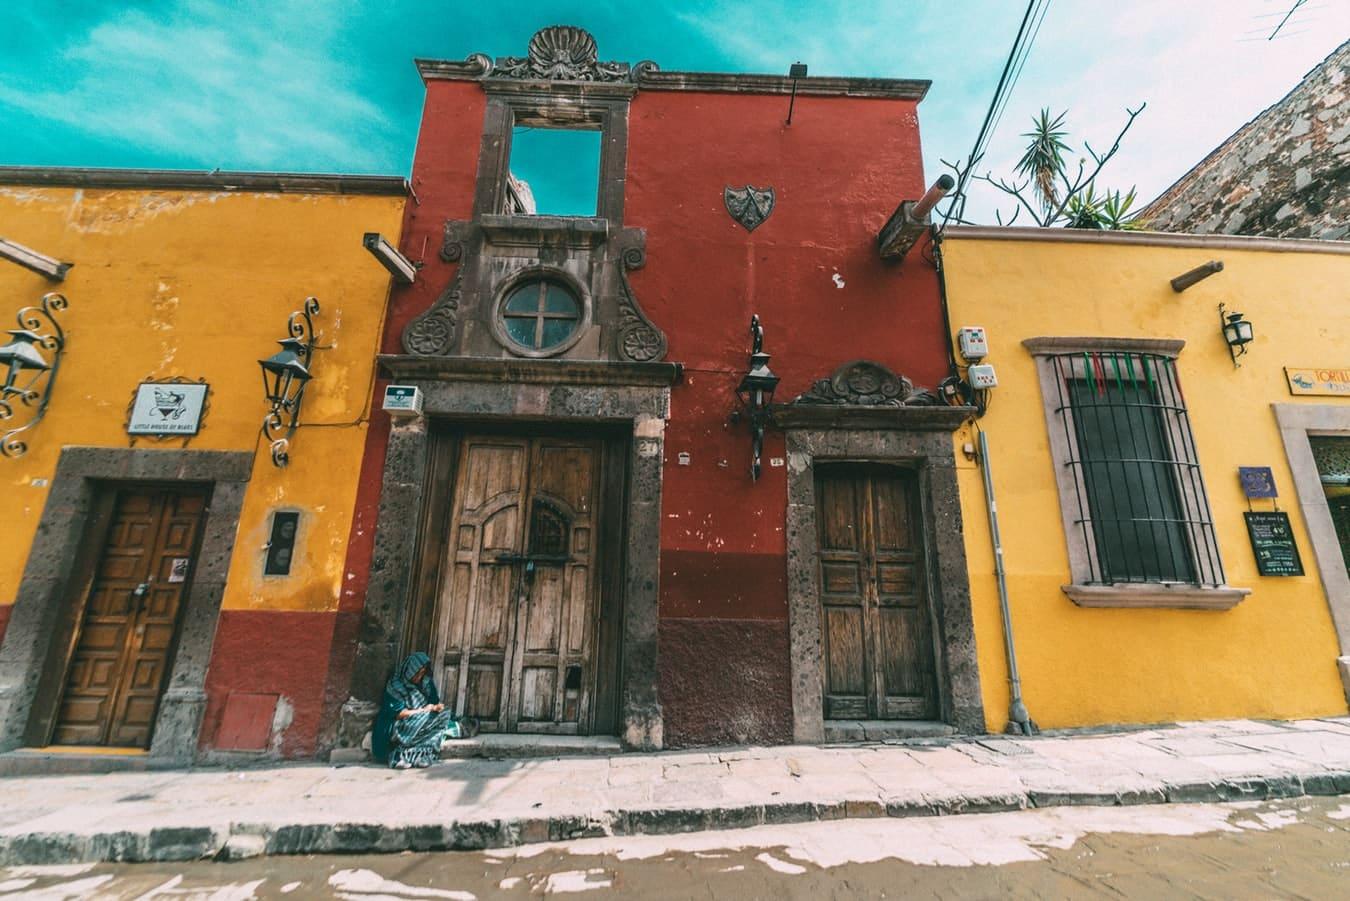 Vue sur des maisons au Mexique